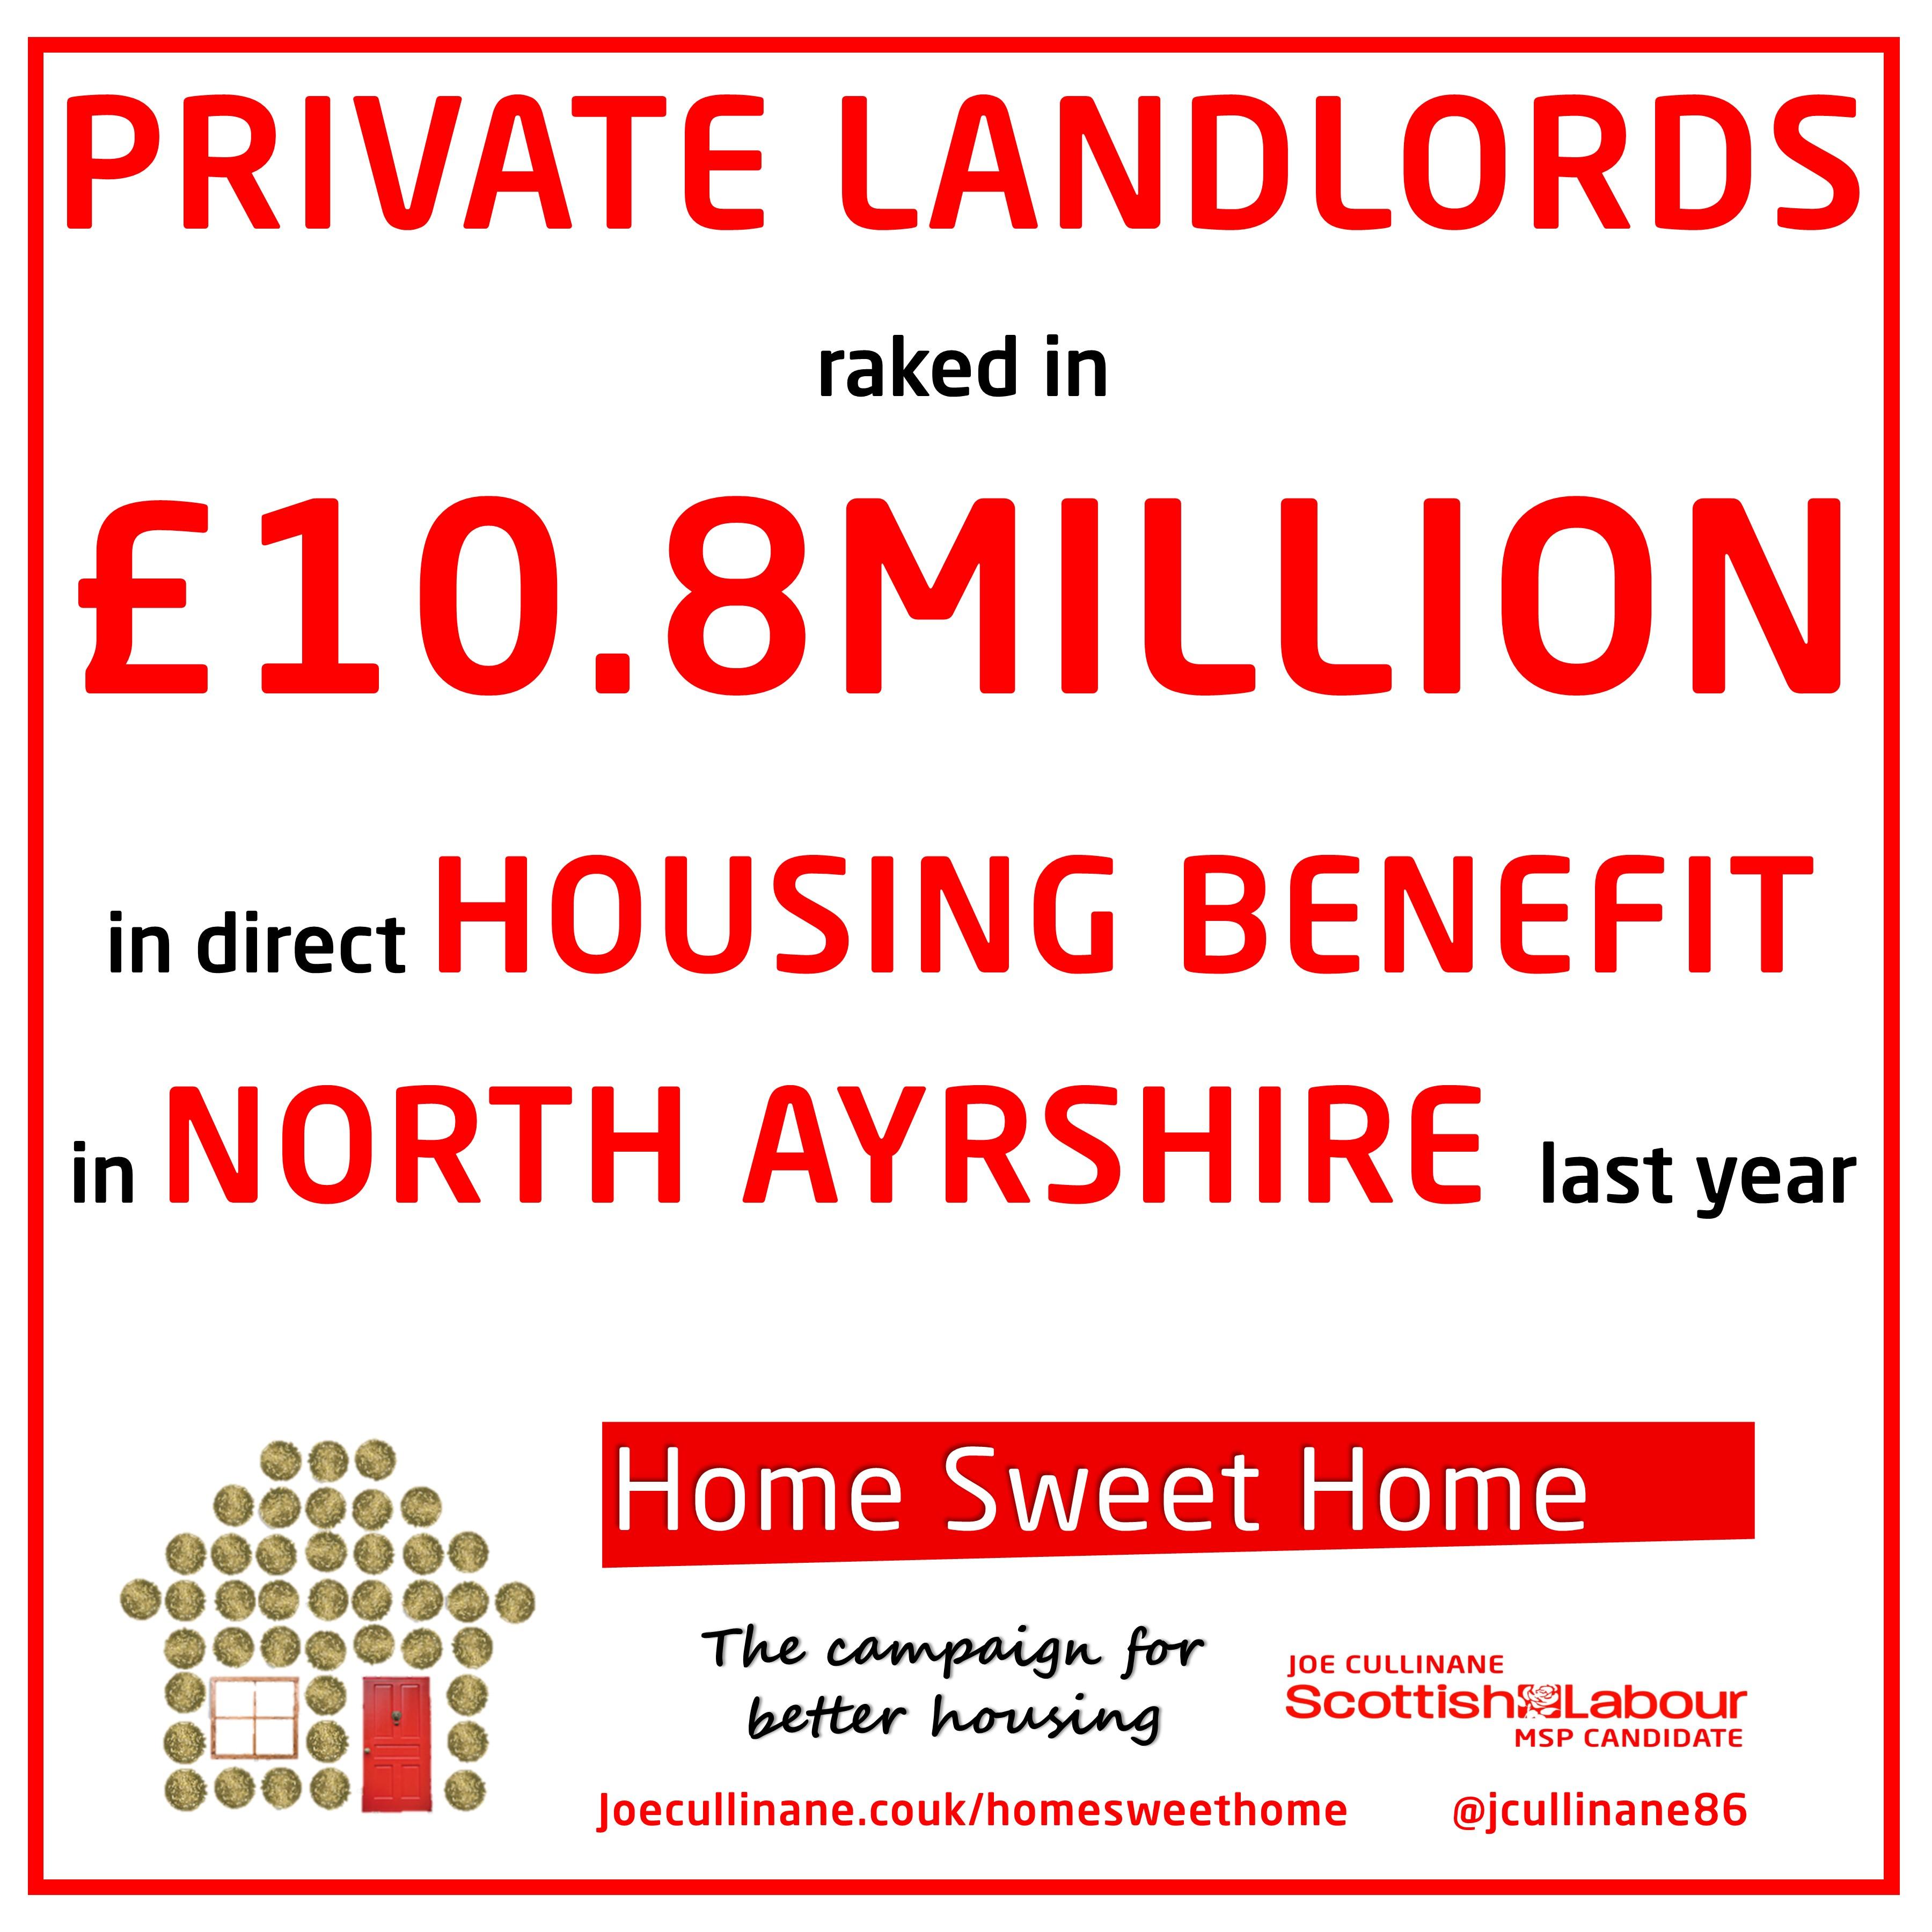 housing_benefit_info.jpg